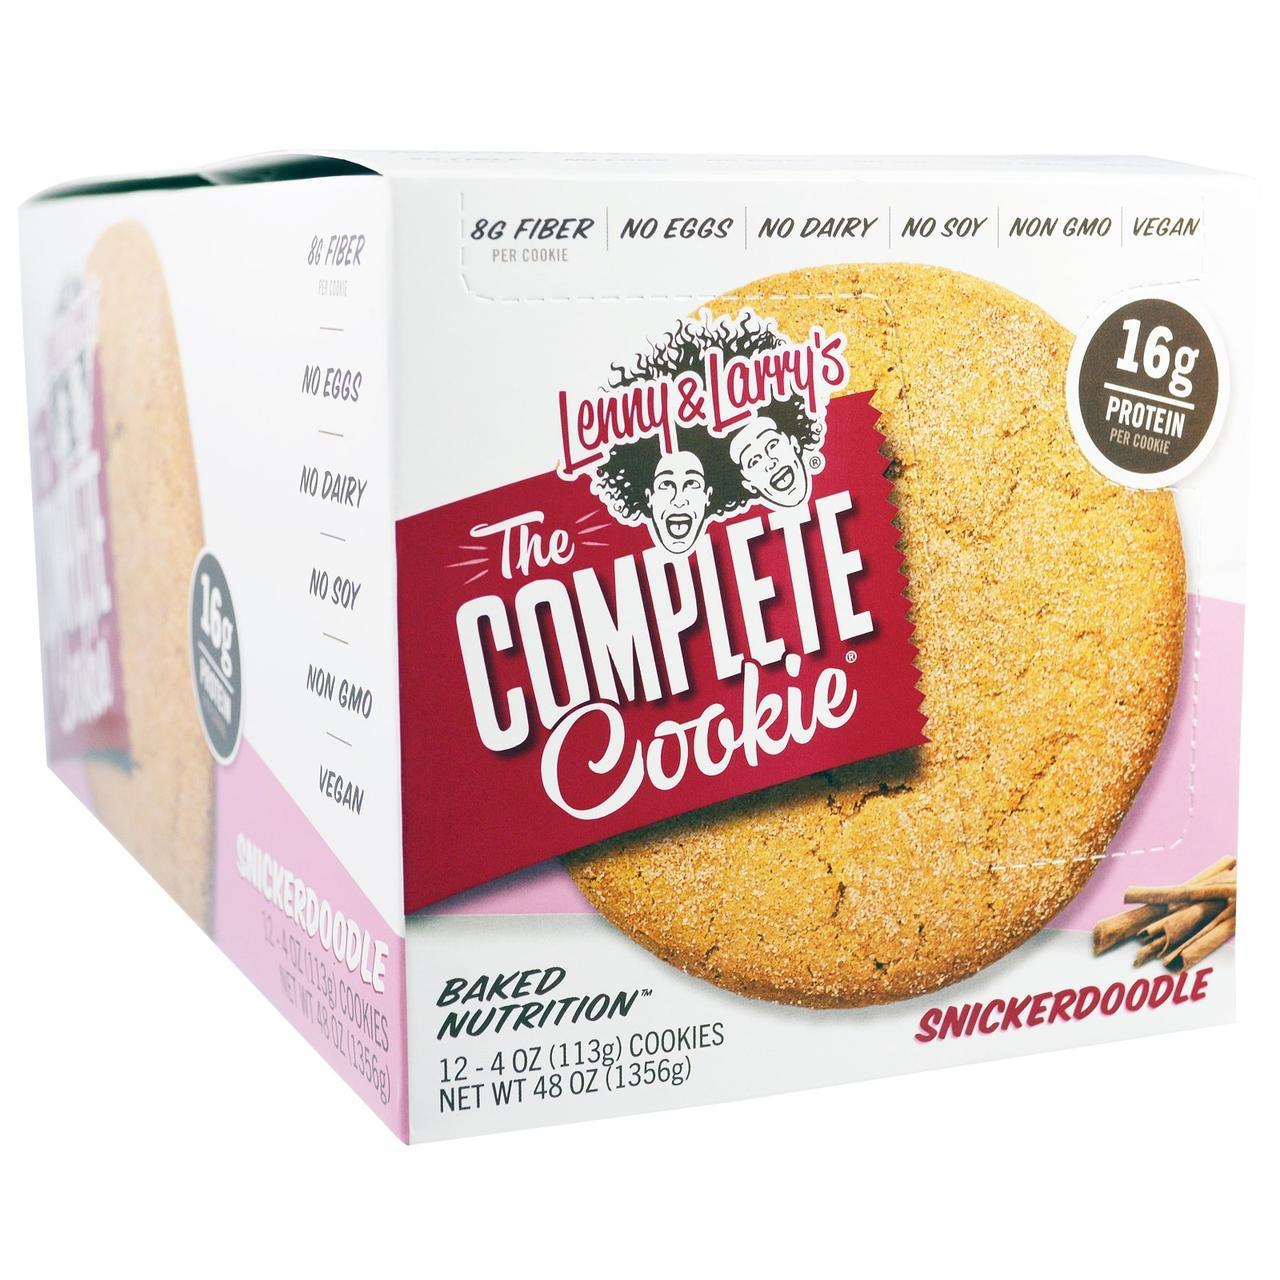 Lenny & Larrys, Полноценное печенье, Snickerdoodle, 12 шт., по 4 унции(113 г) каждое